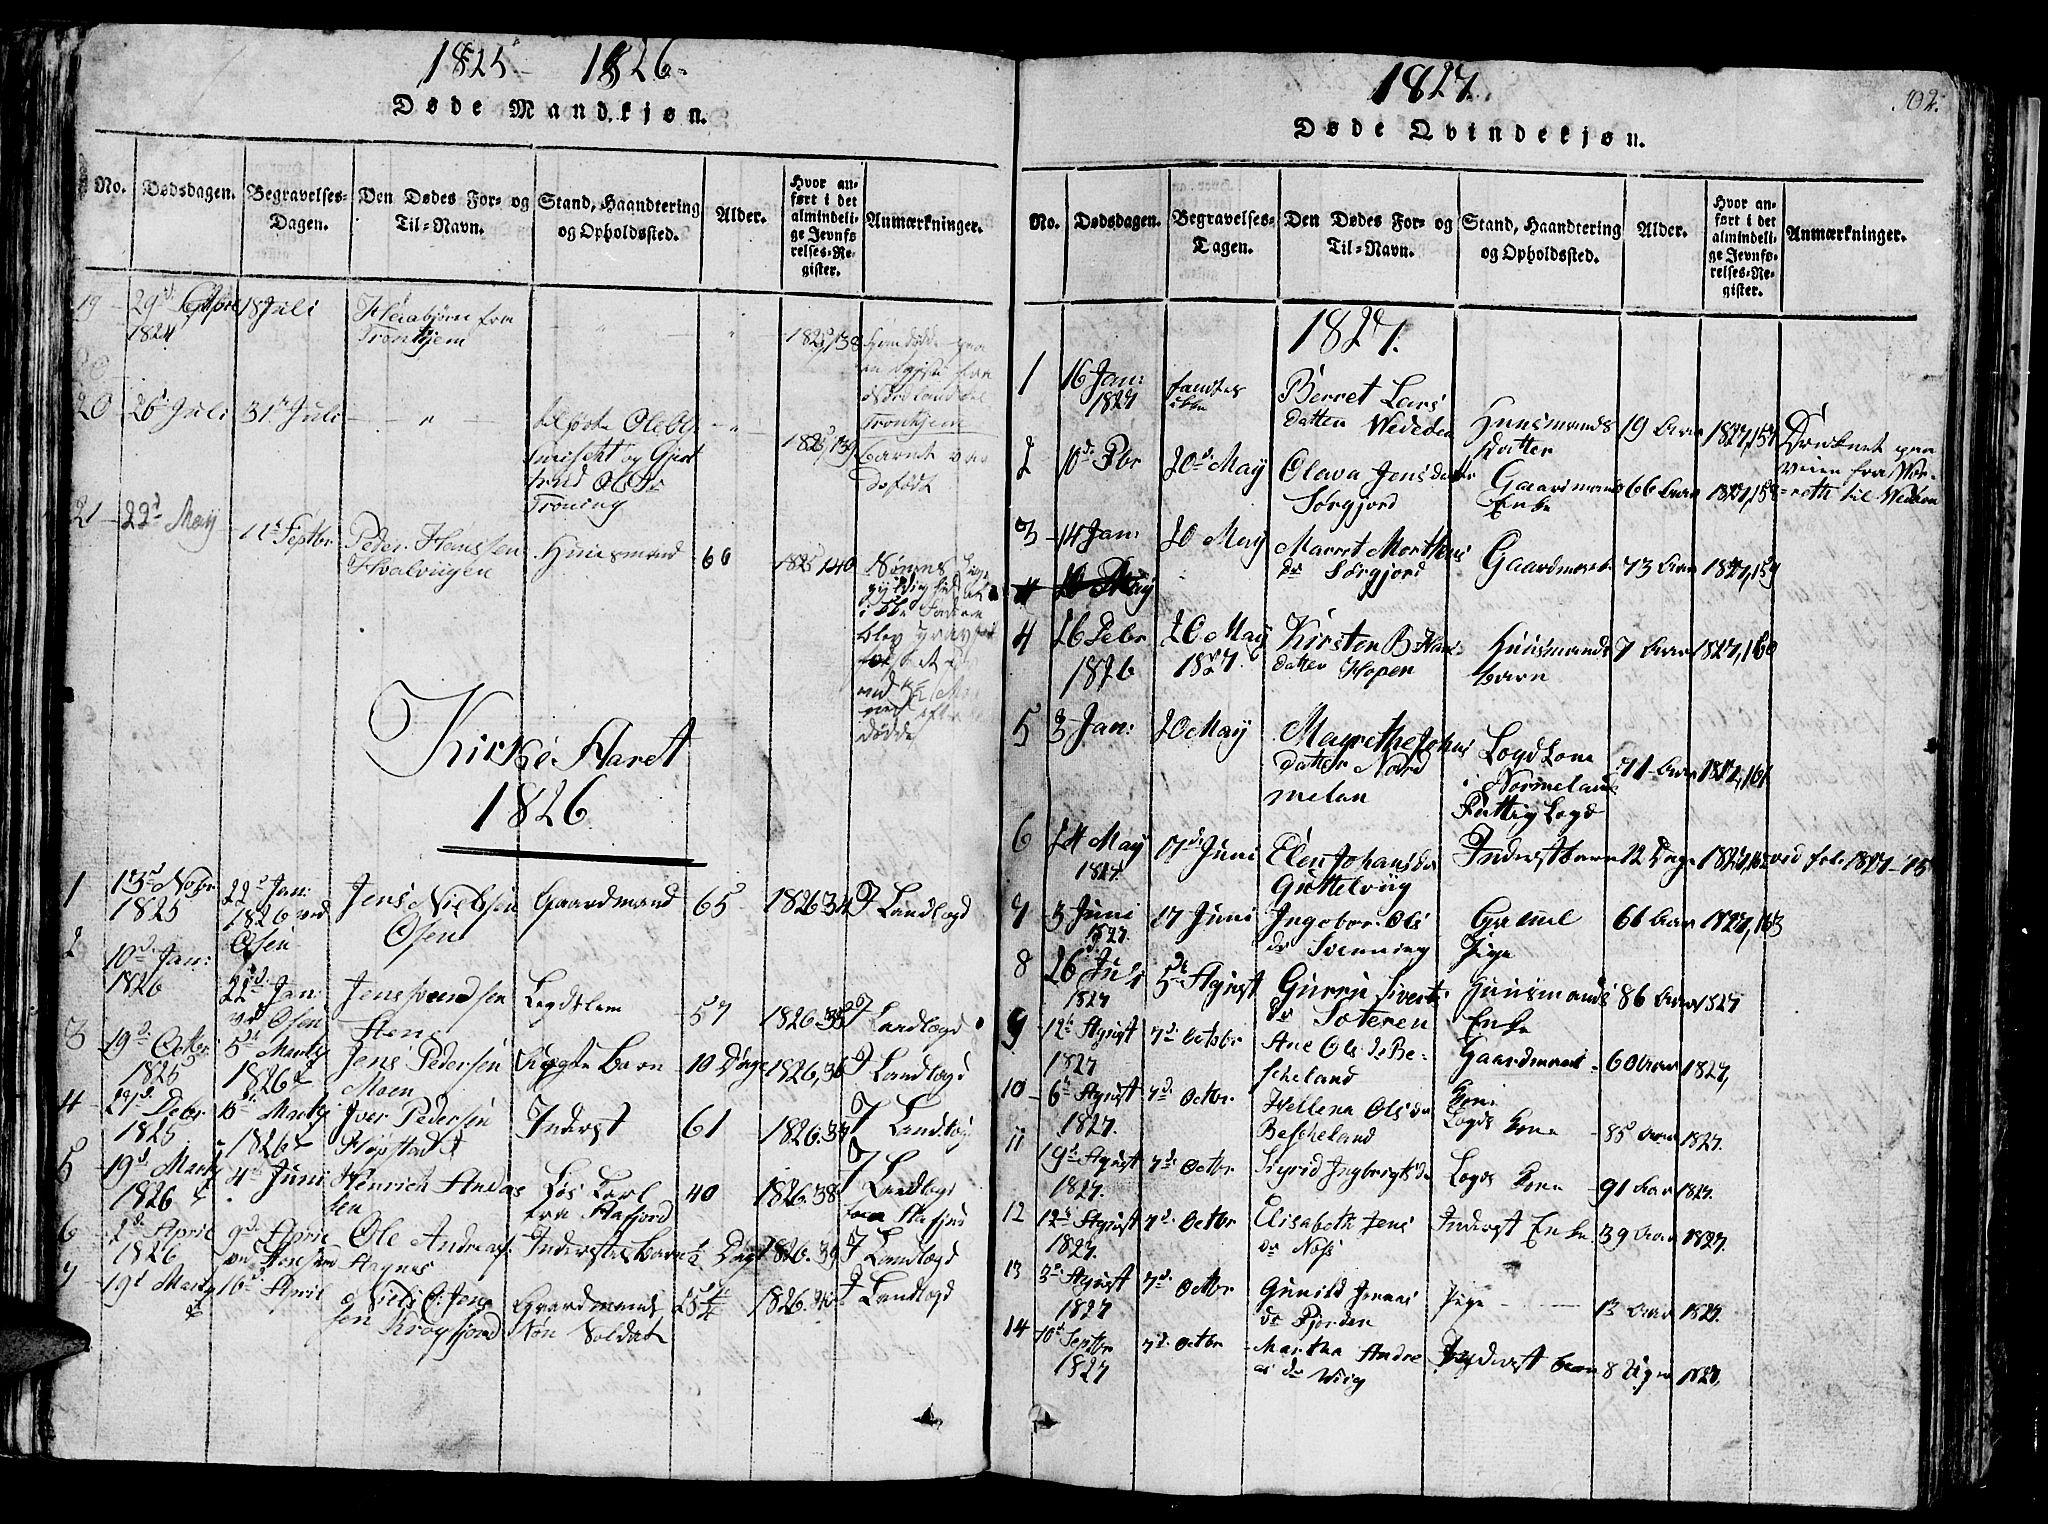 SAT, Ministerialprotokoller, klokkerbøker og fødselsregistre - Sør-Trøndelag, 657/L0714: Klokkerbok nr. 657C01, 1818-1868, s. 102